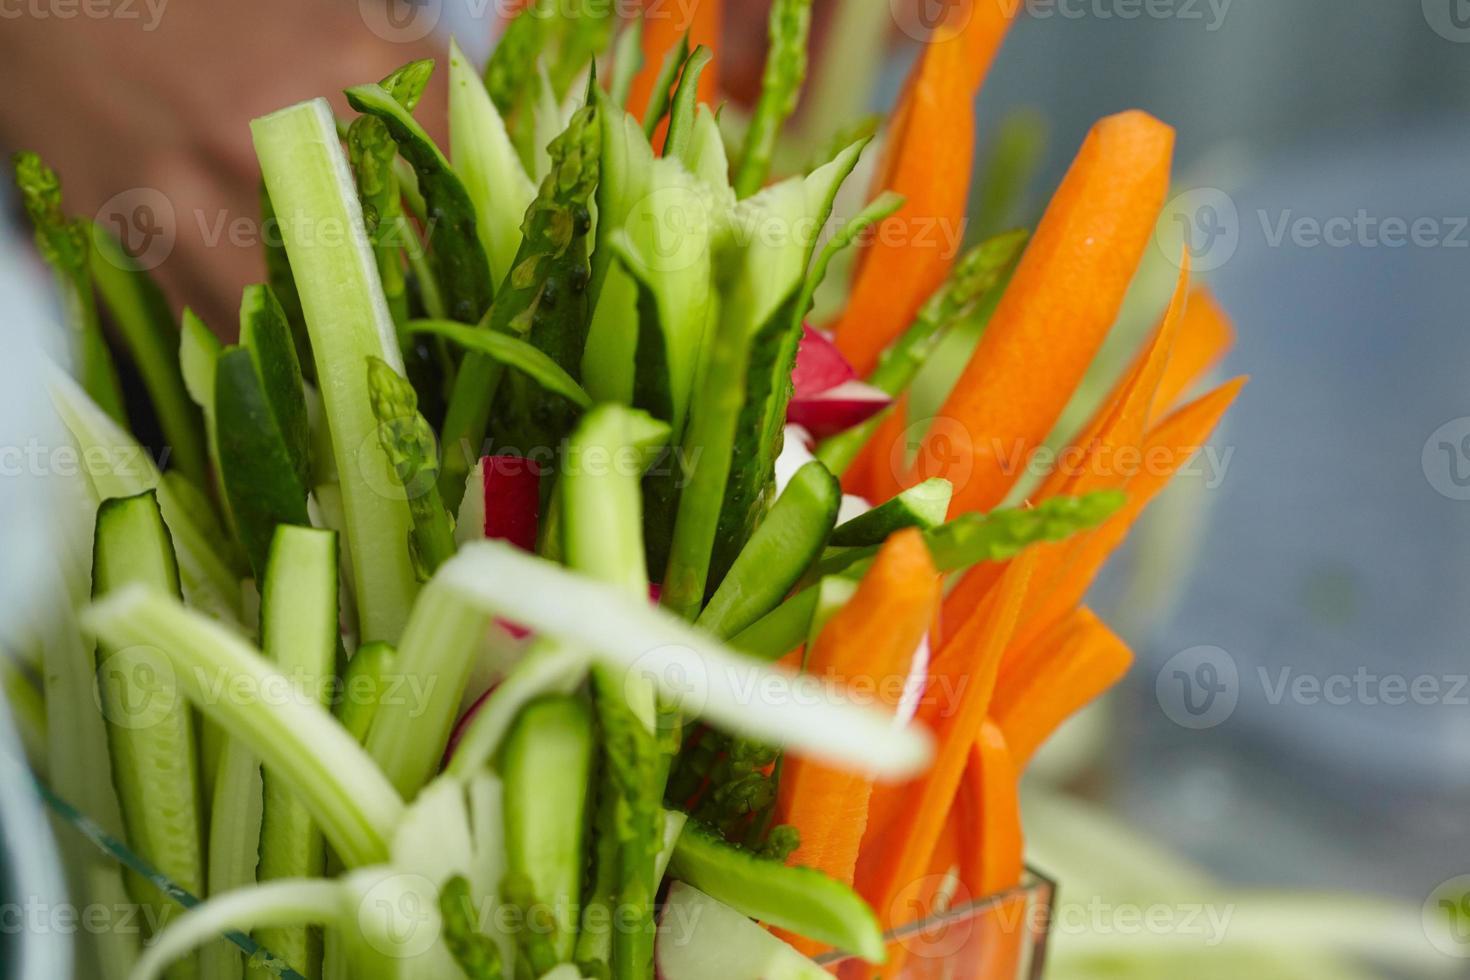 antipasto di verdure, taglio, asparagi, carote, ravanelli, foto